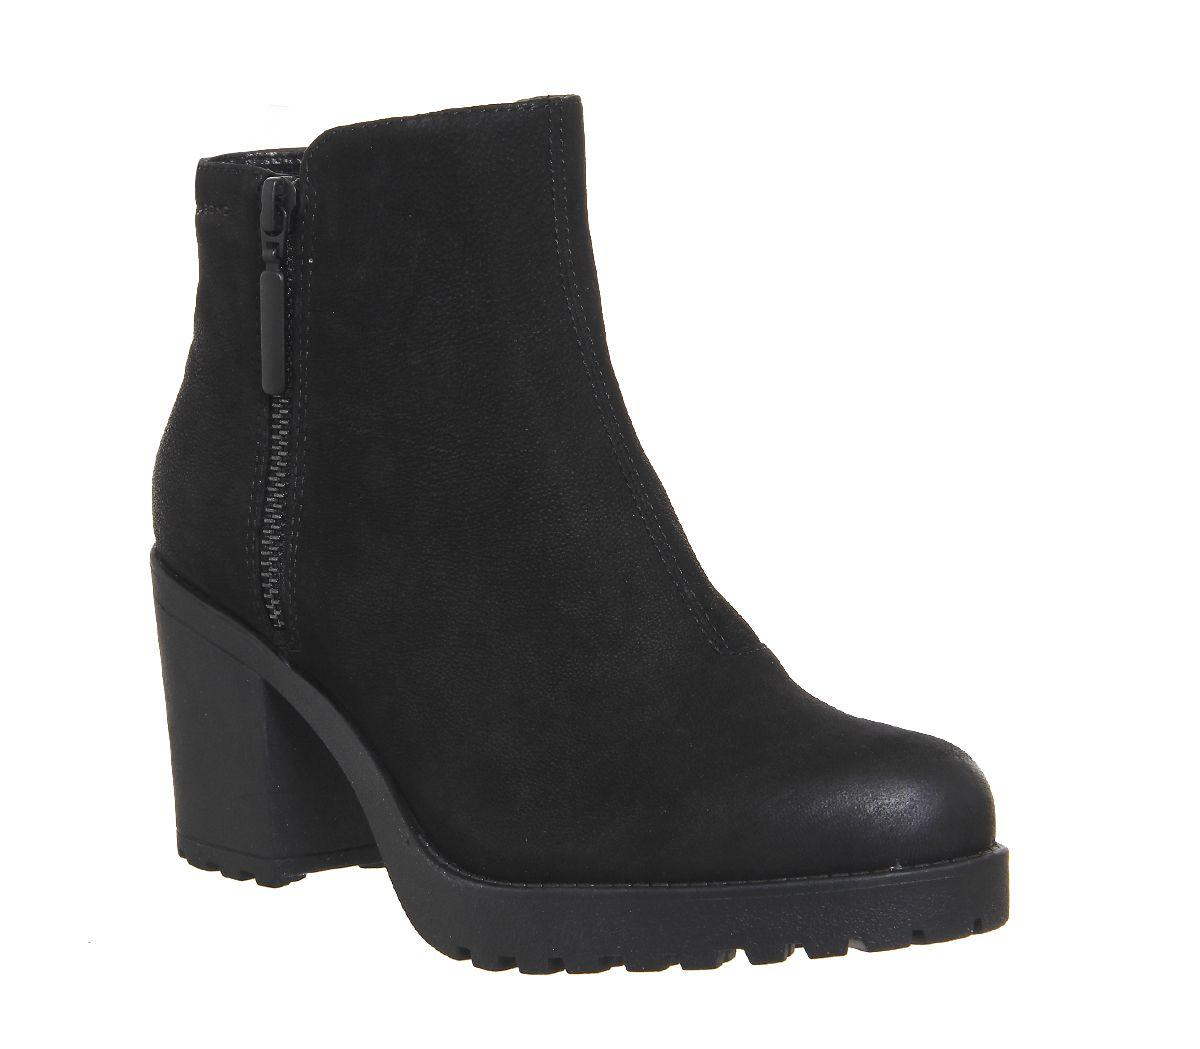 c0bd01ab23b1b3 Vagabond Grace Zip Boots Black Nubuck - Ankle Boots